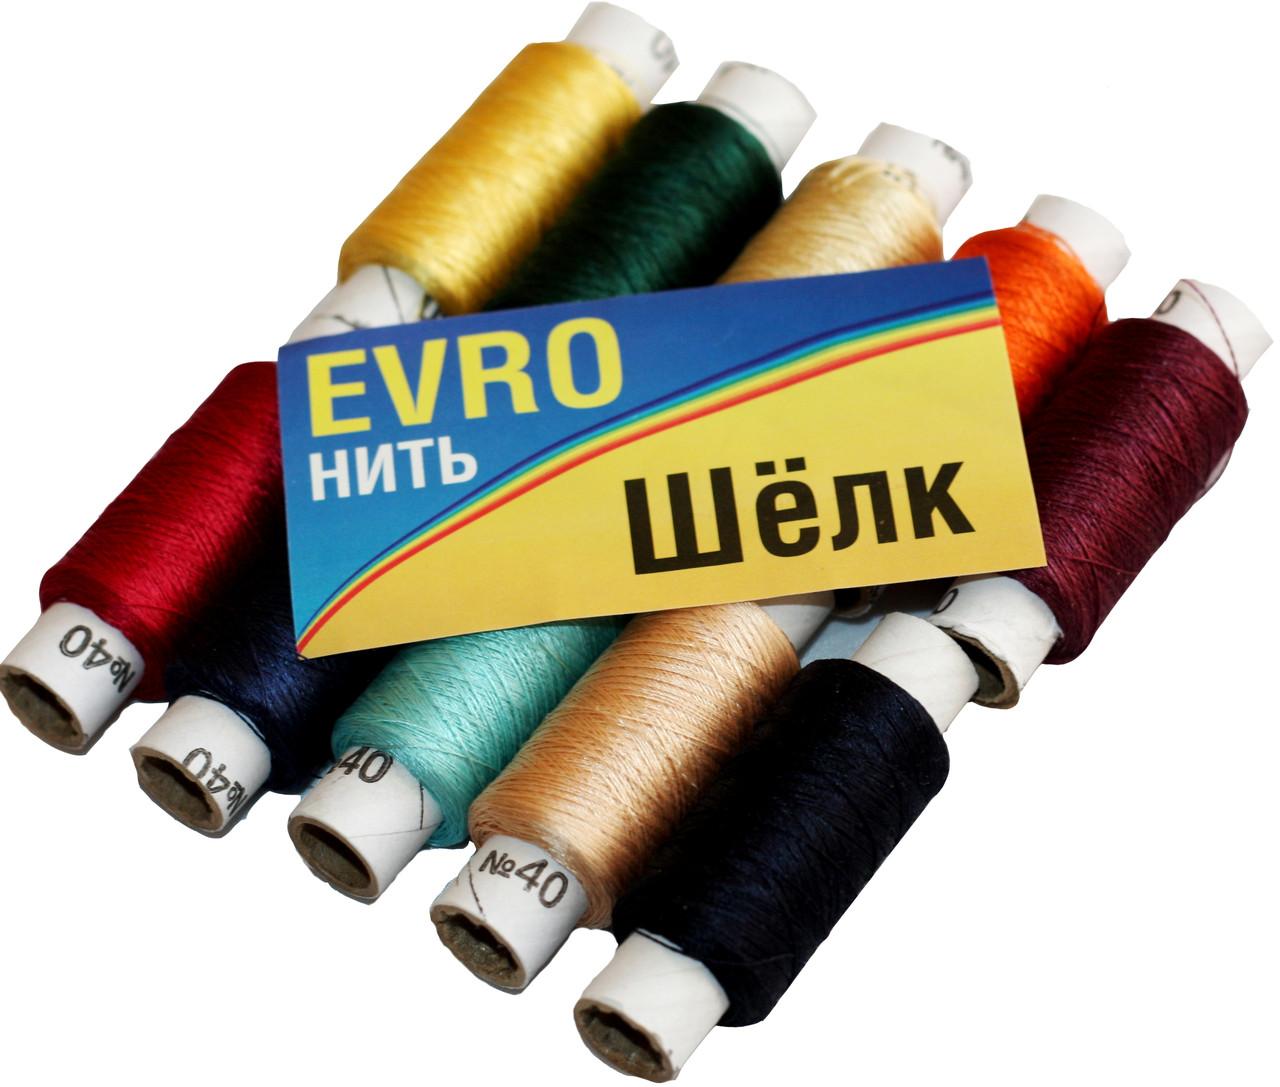 """Нитки швейные Evro №40 """"Шелк"""" (10 катушек) цветные, полиэстер"""